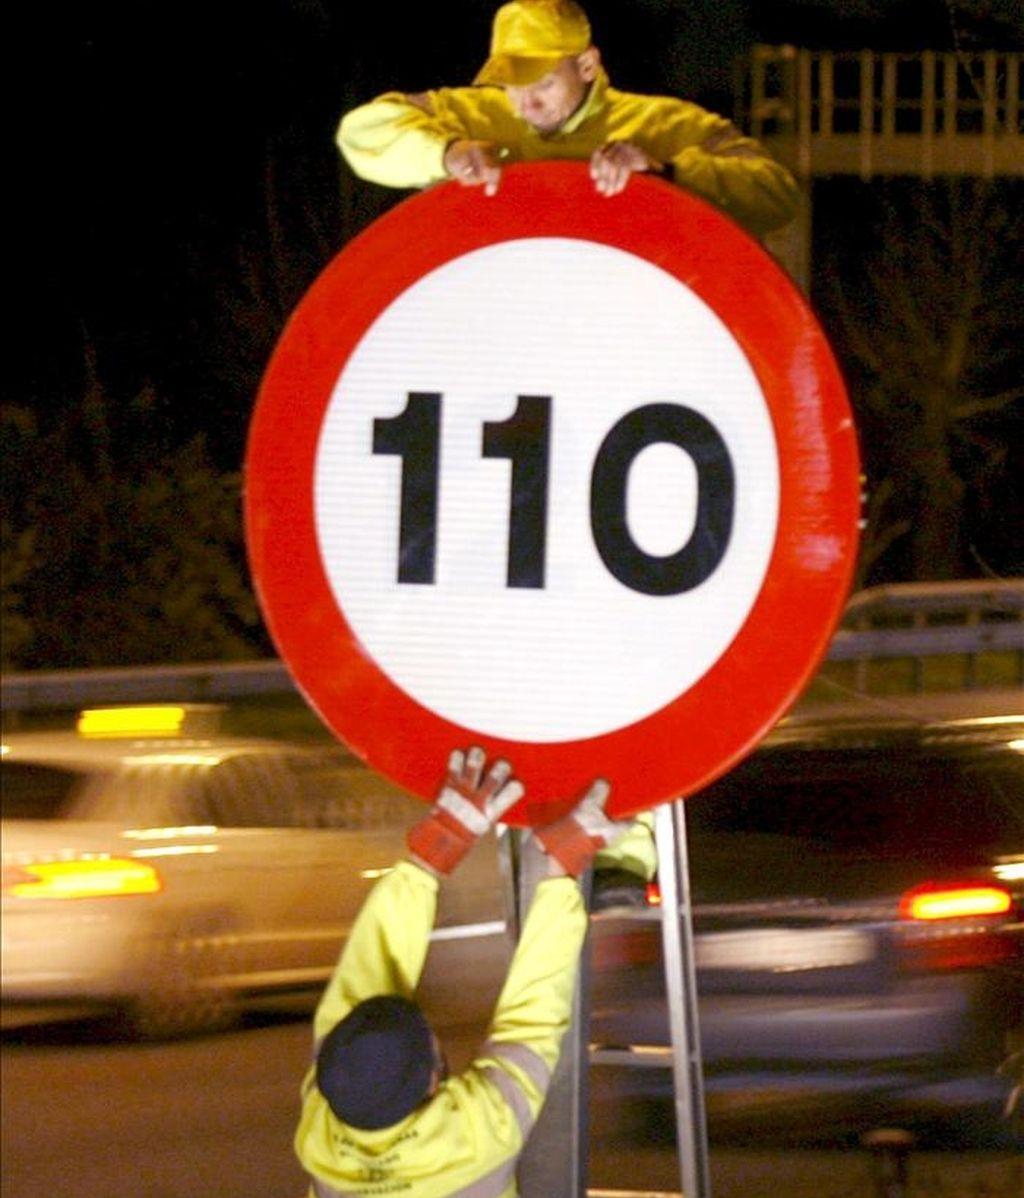 Varios operarios colocan el límite de velocidad de 110 kilómetros/hora en una señal de la A-2 situada en el kilómetro 6, en Madrid. EFE/Archivo